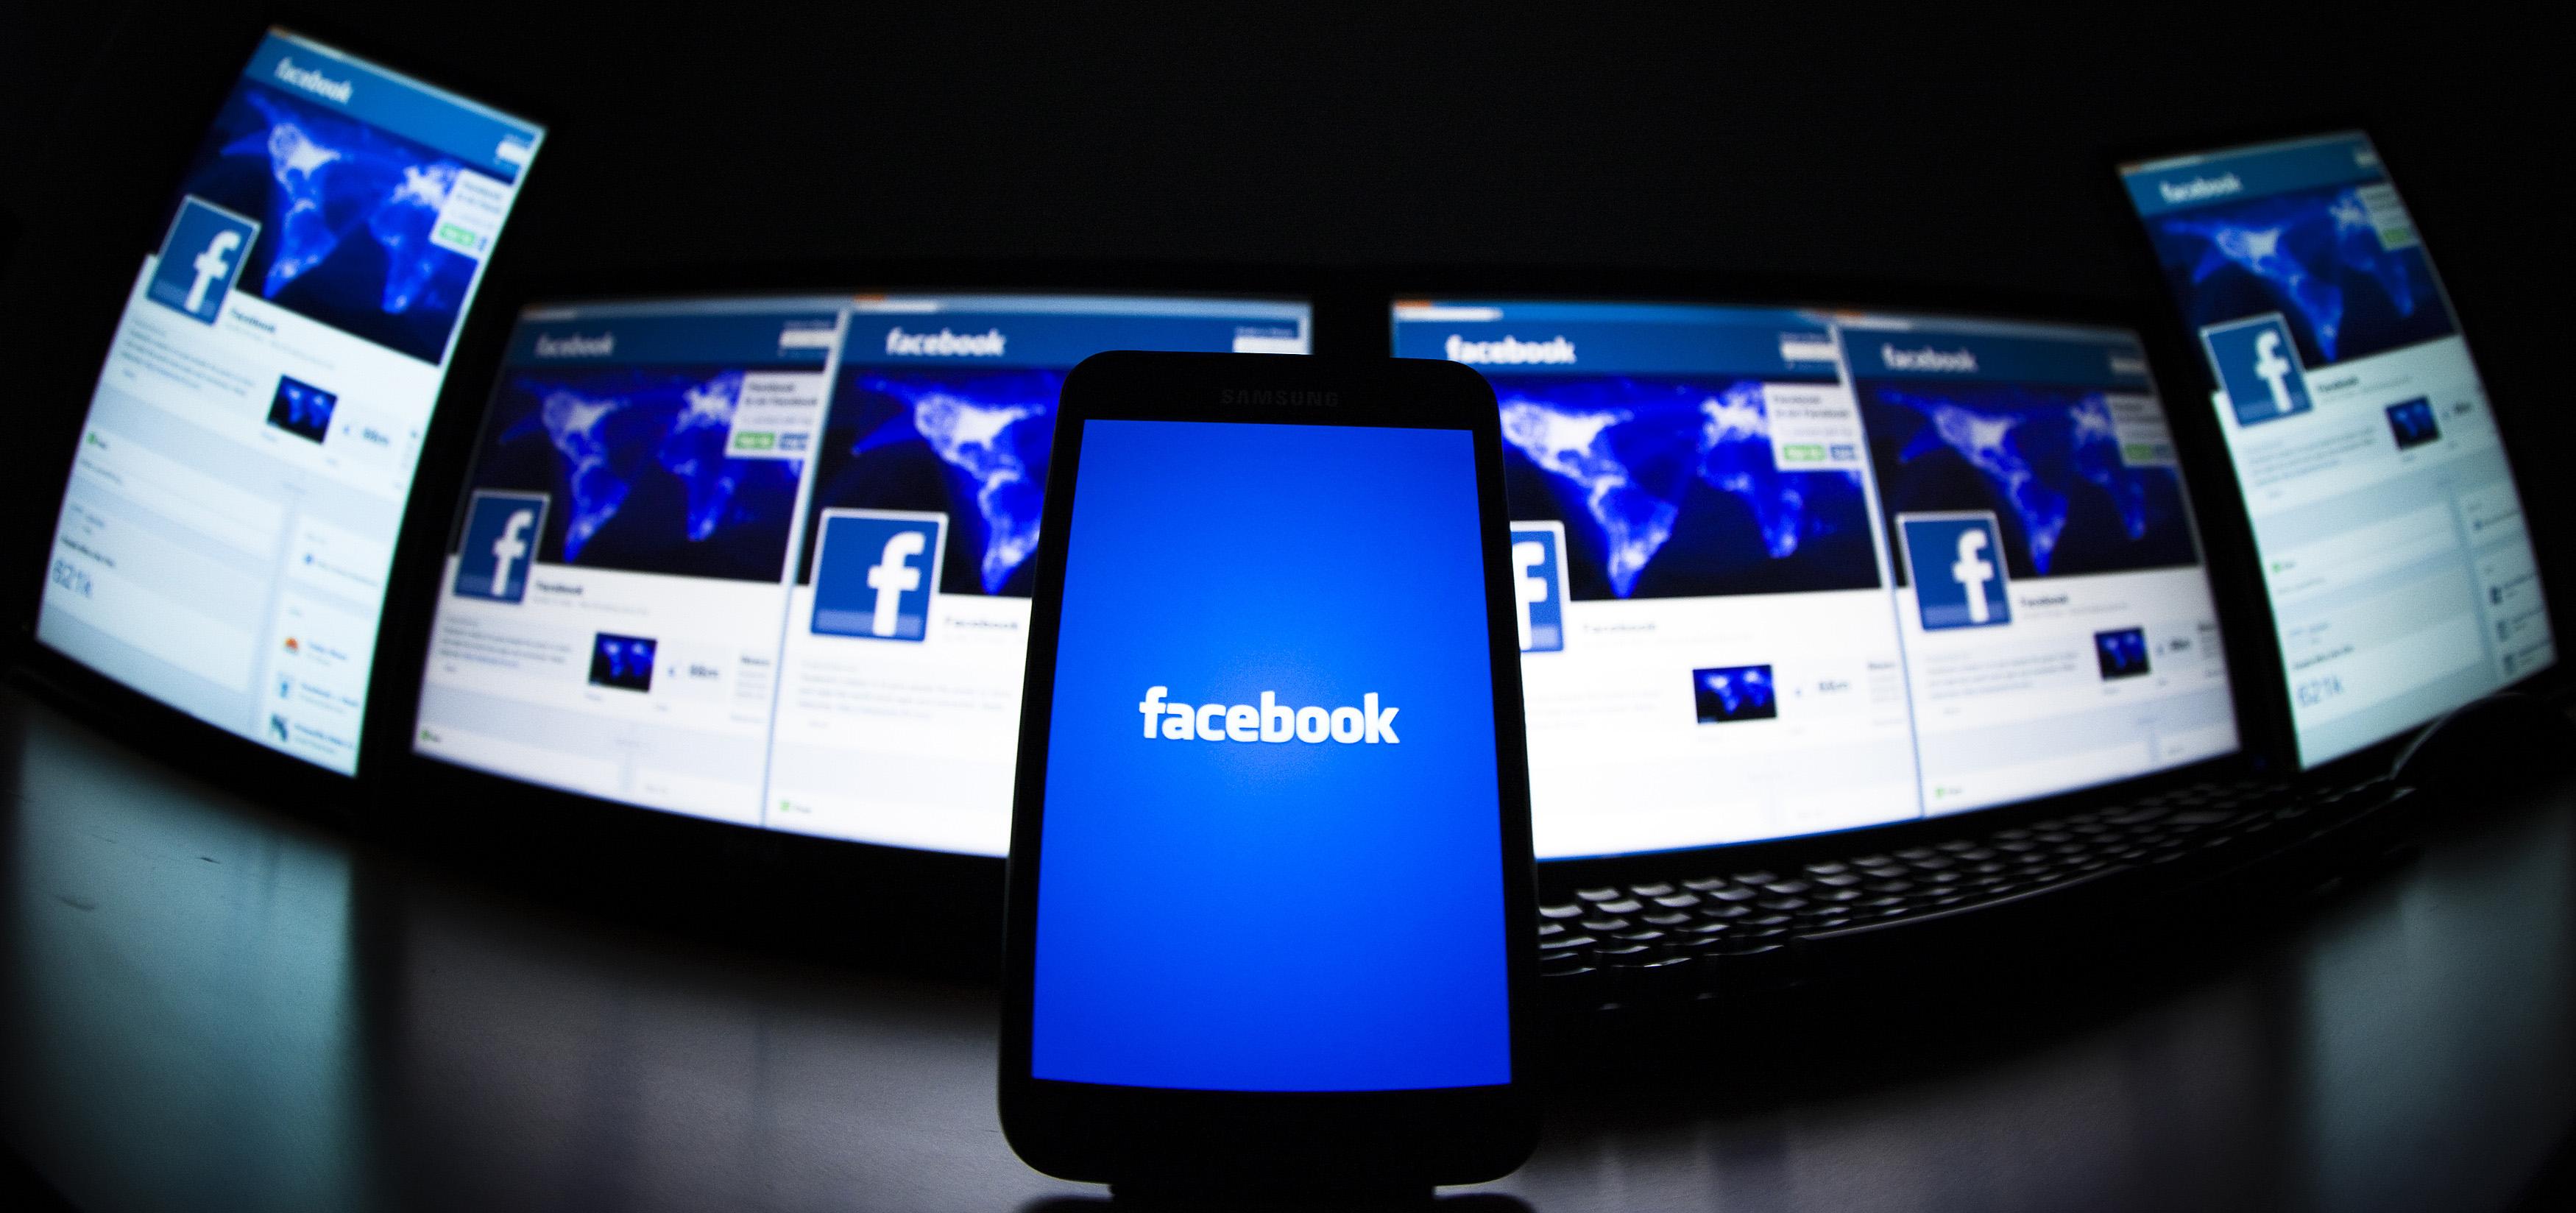 """تعليمات جديدة لـ""""فيسبوك"""" تكافح الإرهاب والكراهية والعري"""